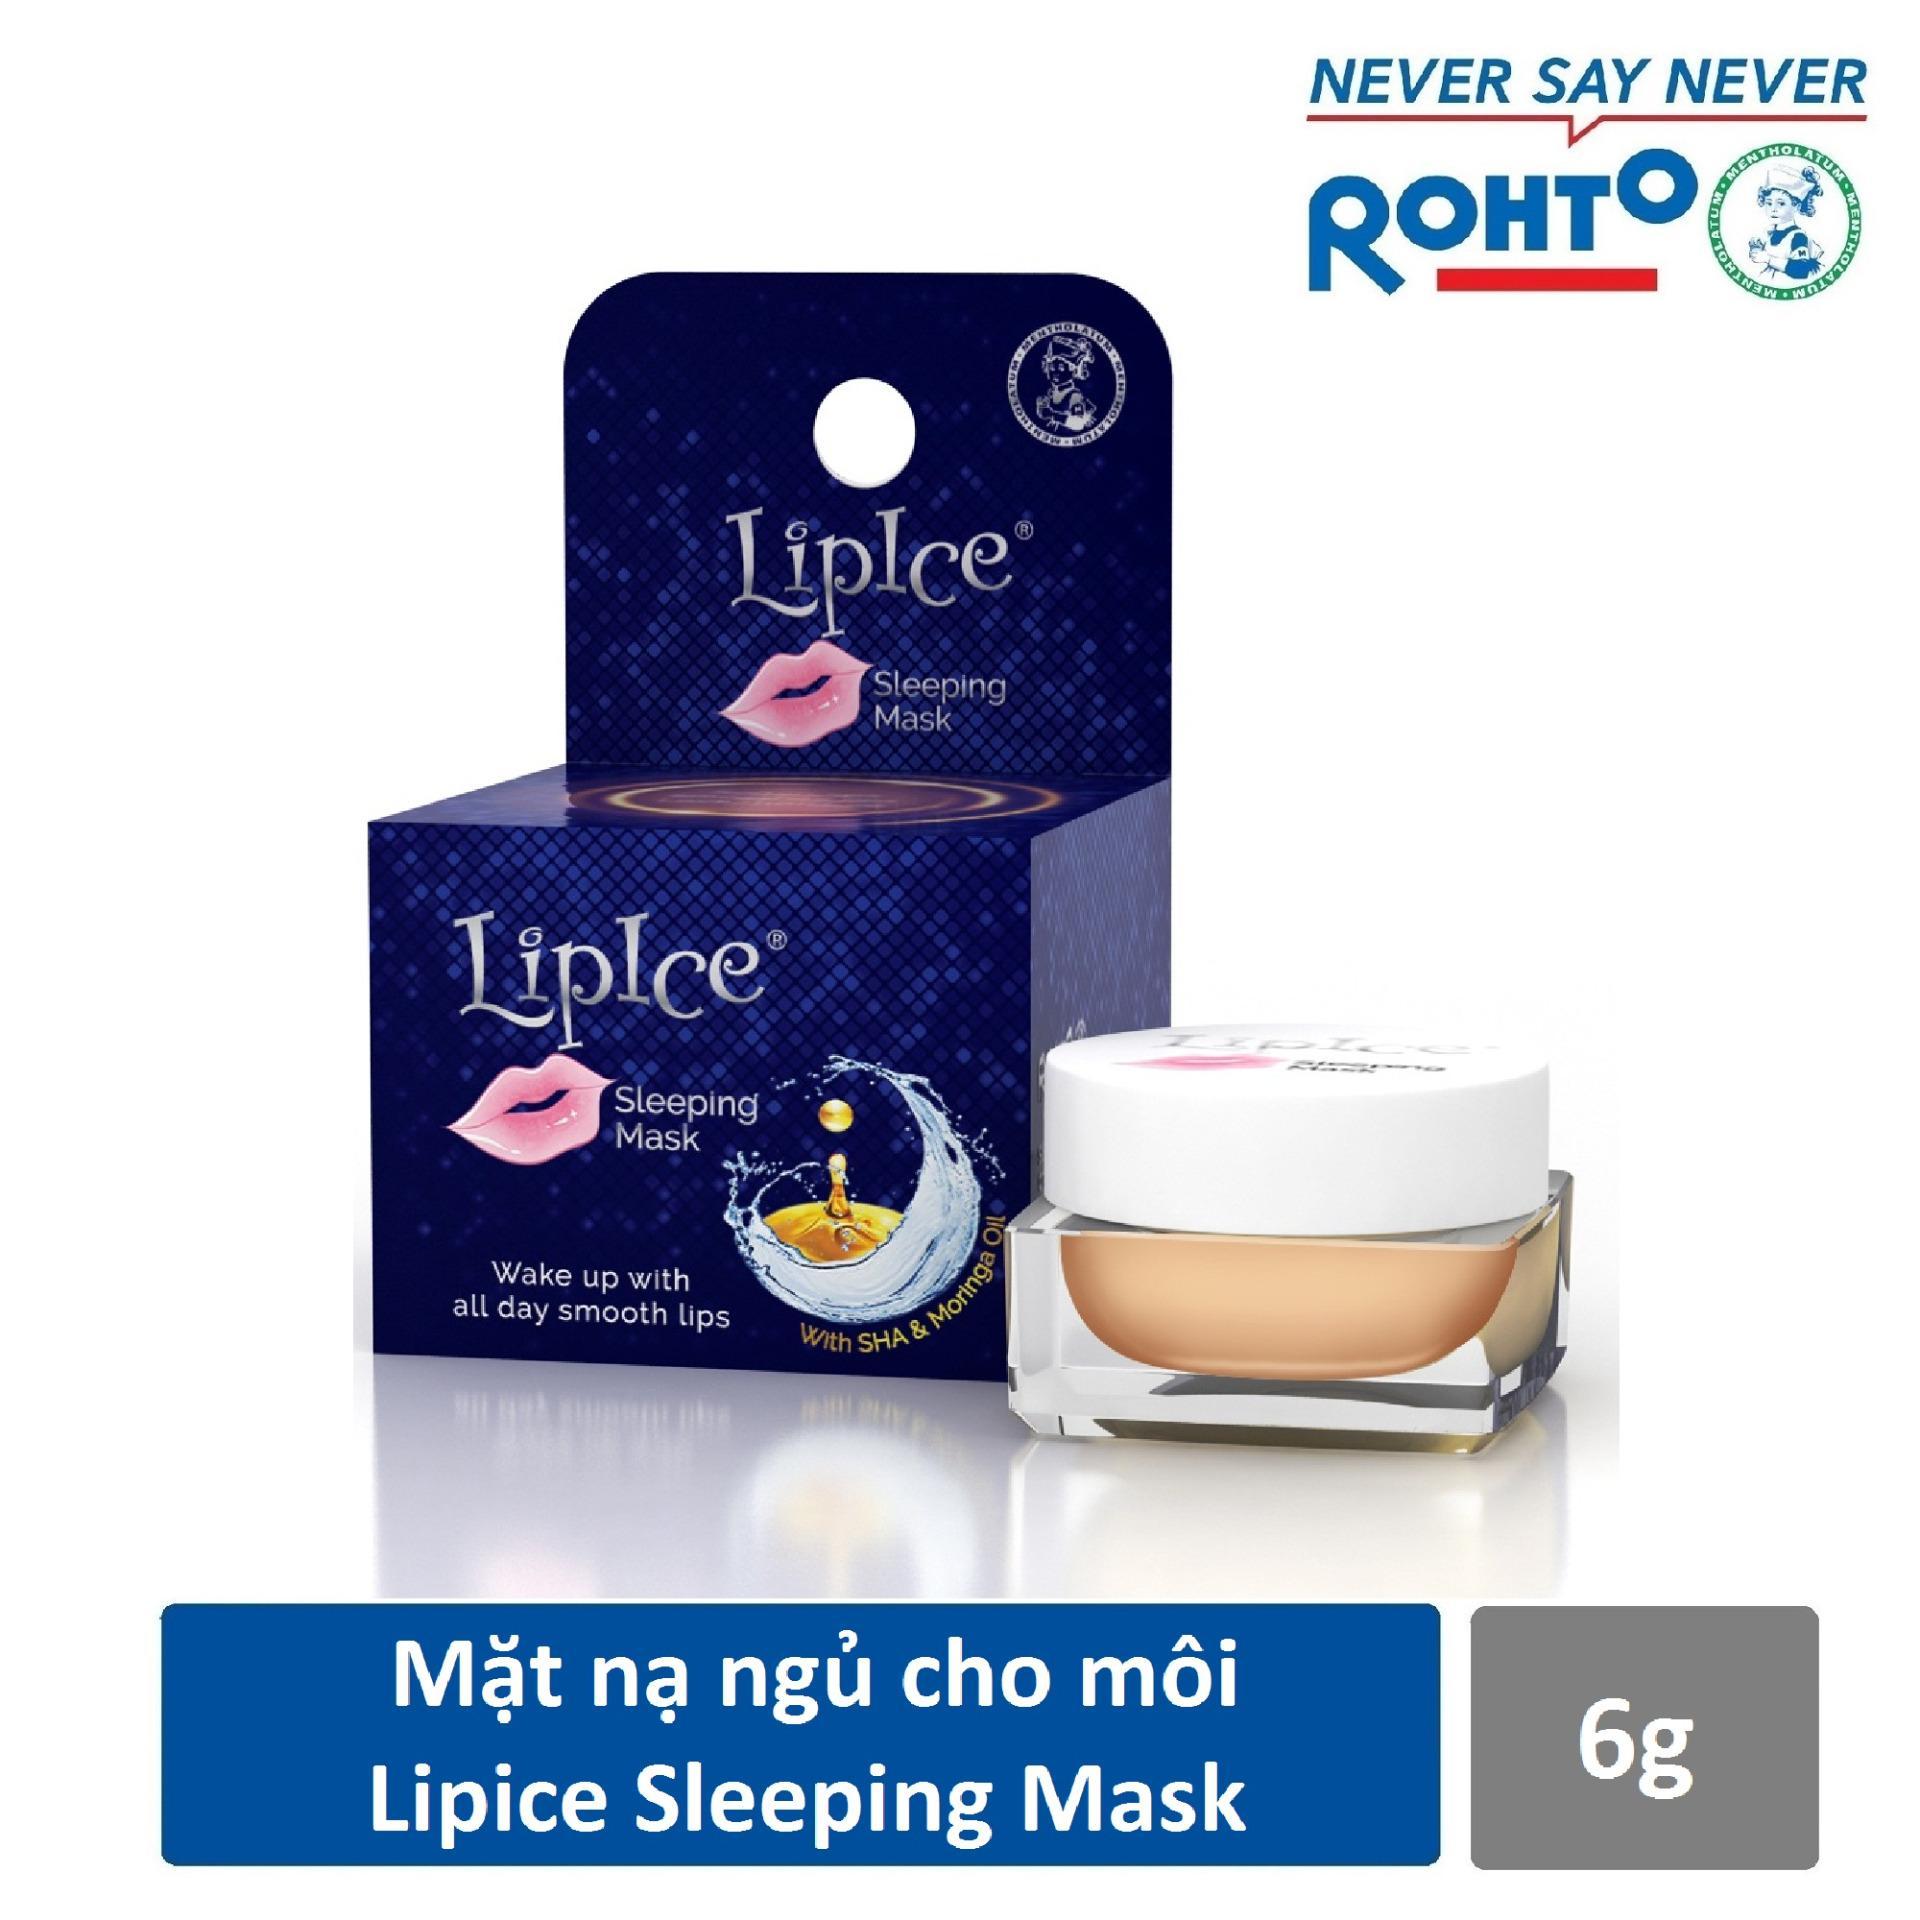 Mặt nạ ngủ cho môi LipIce Sleeping Mask 6g